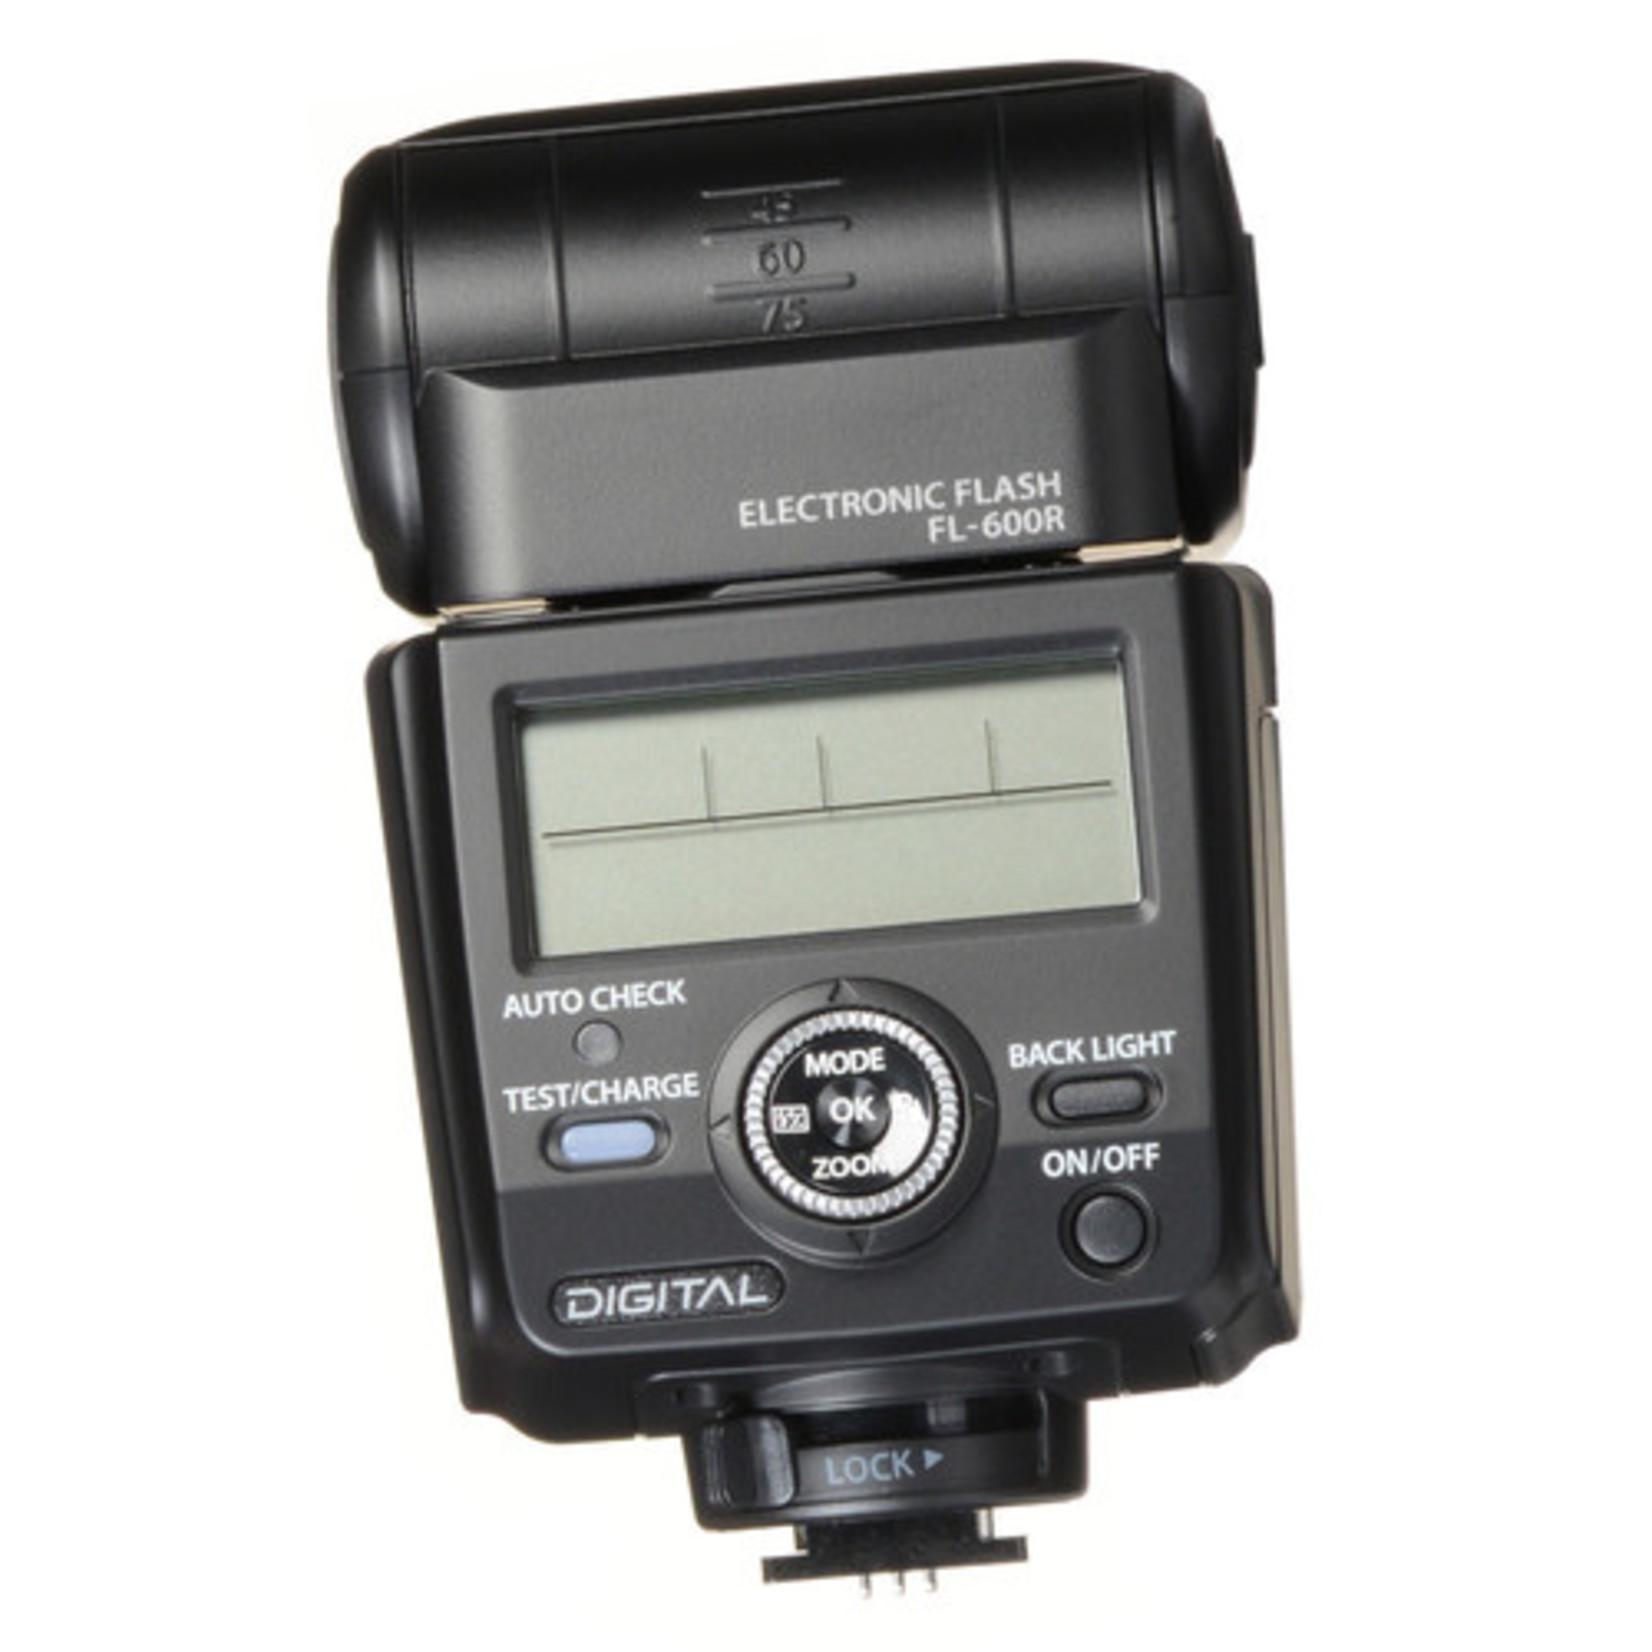 Olympus Olympus FL-600R Flash